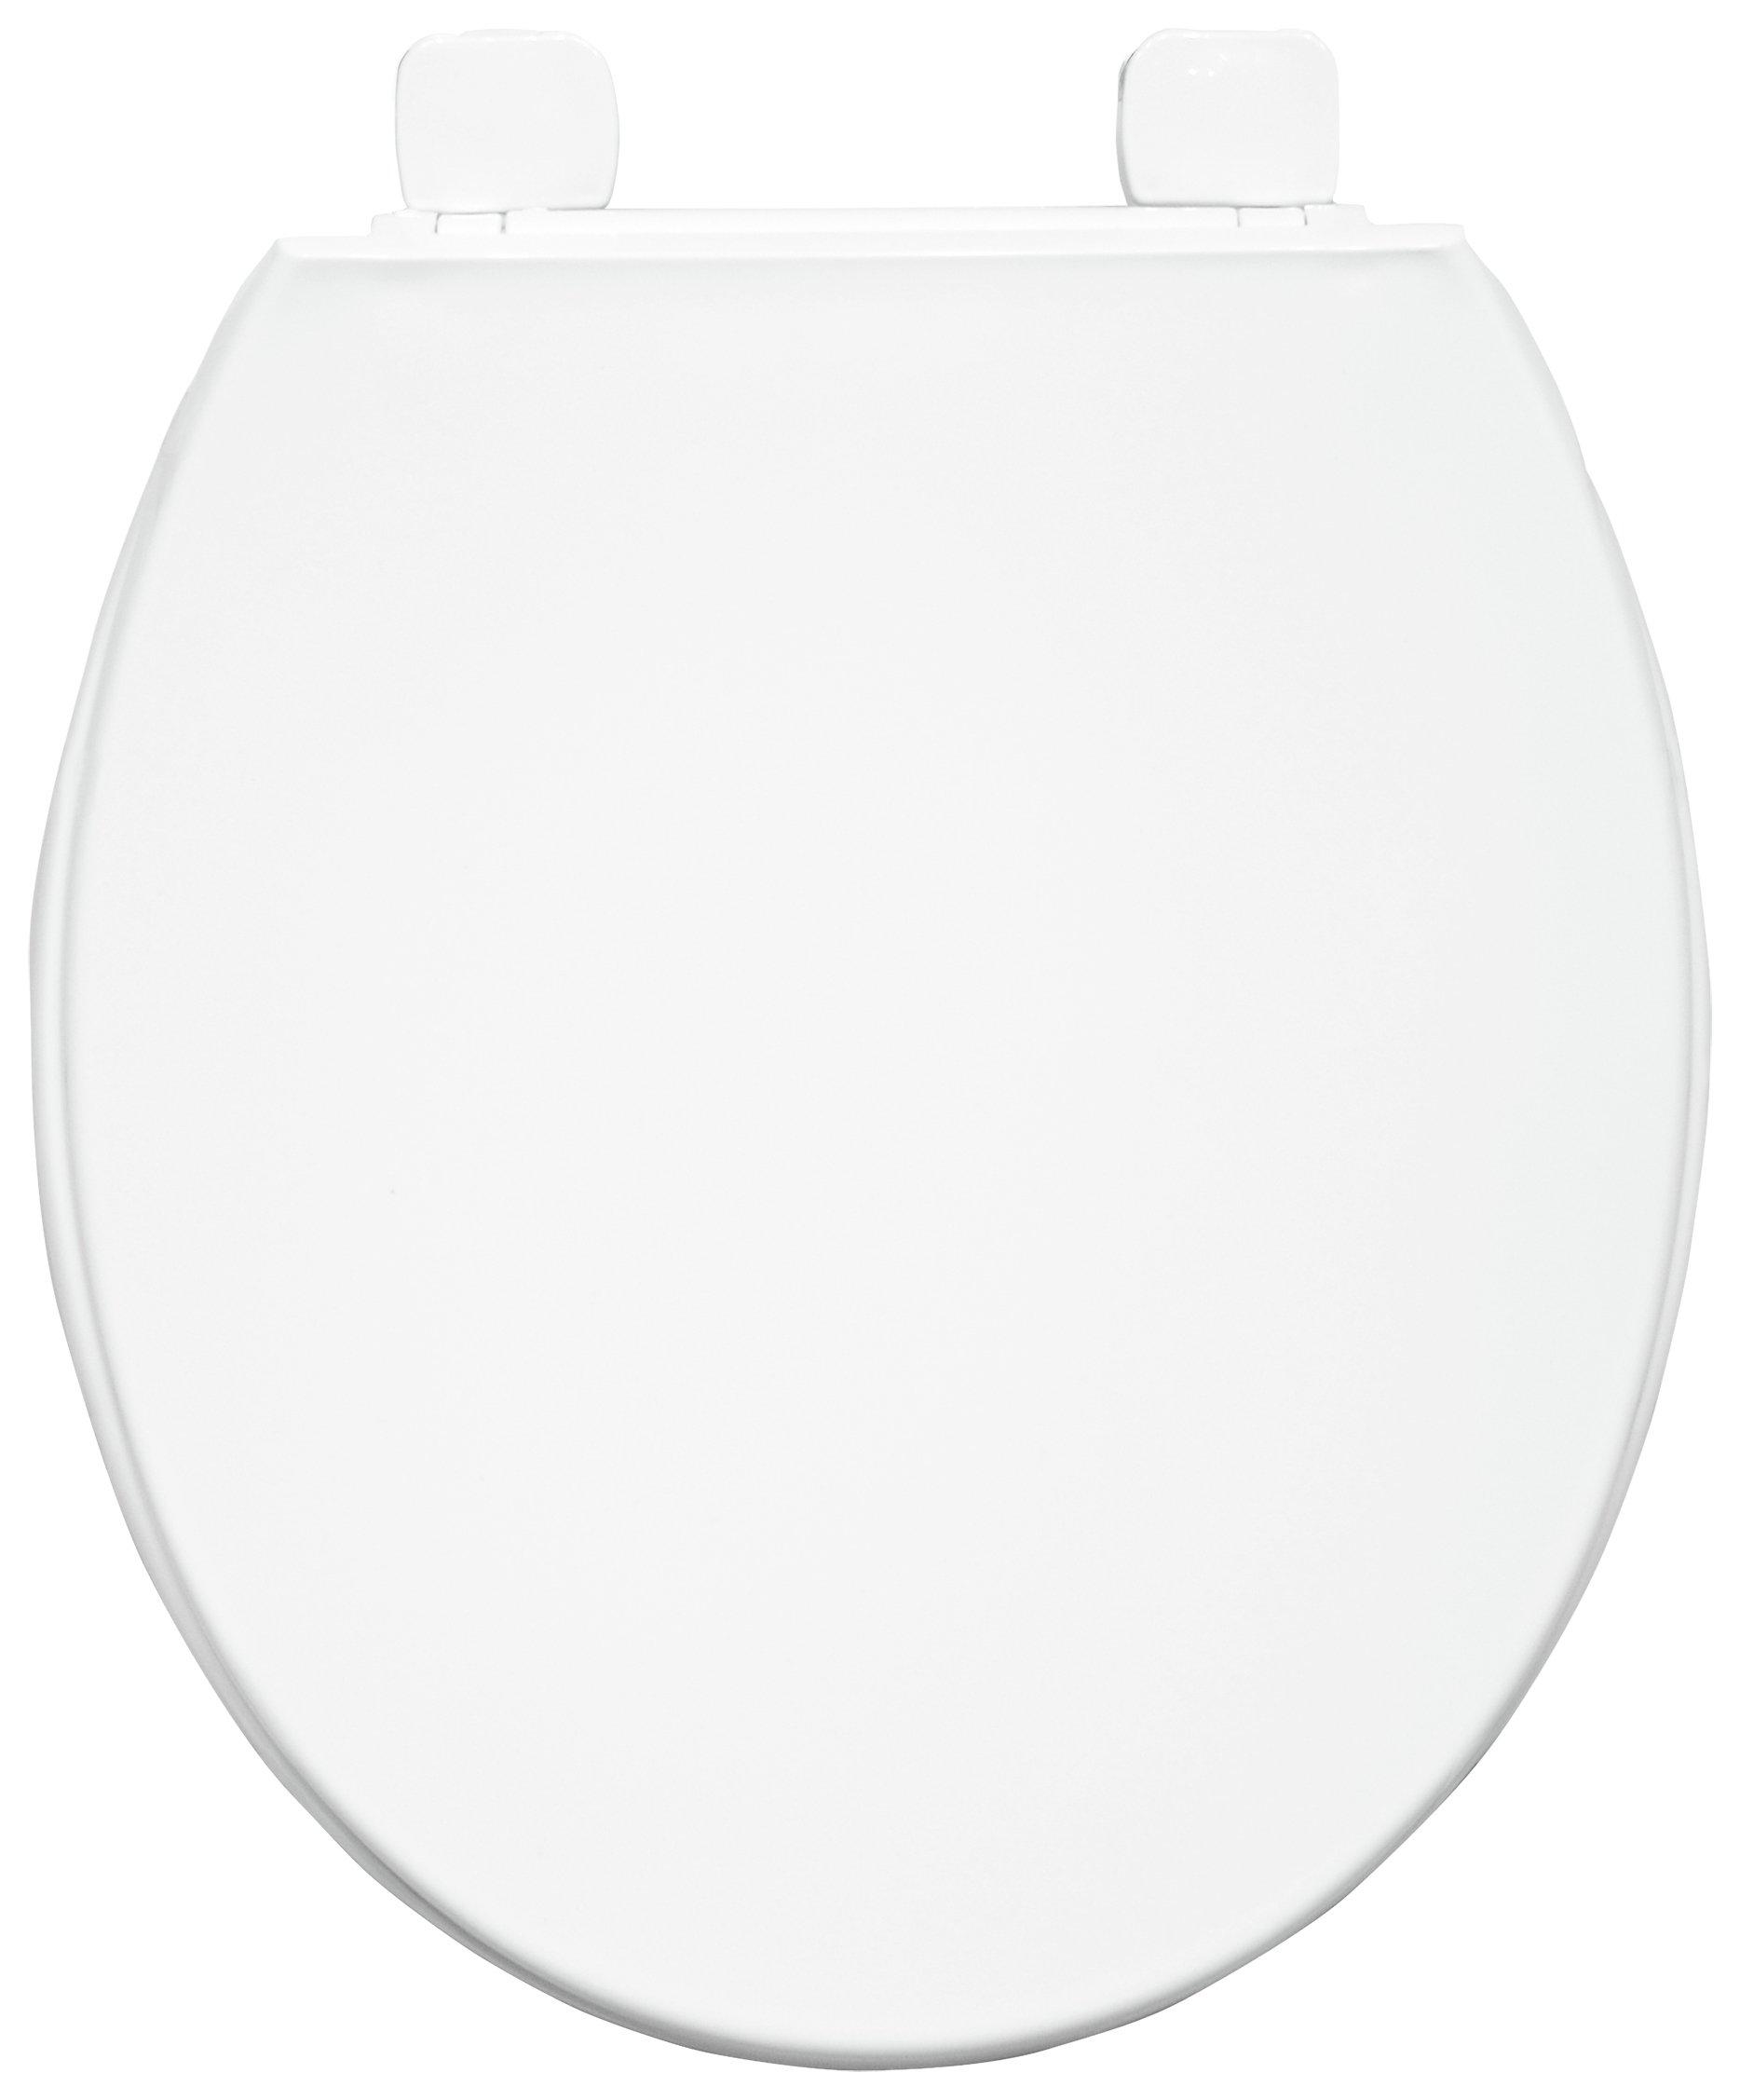 Bemis Chester Statite Toilet Seat - White